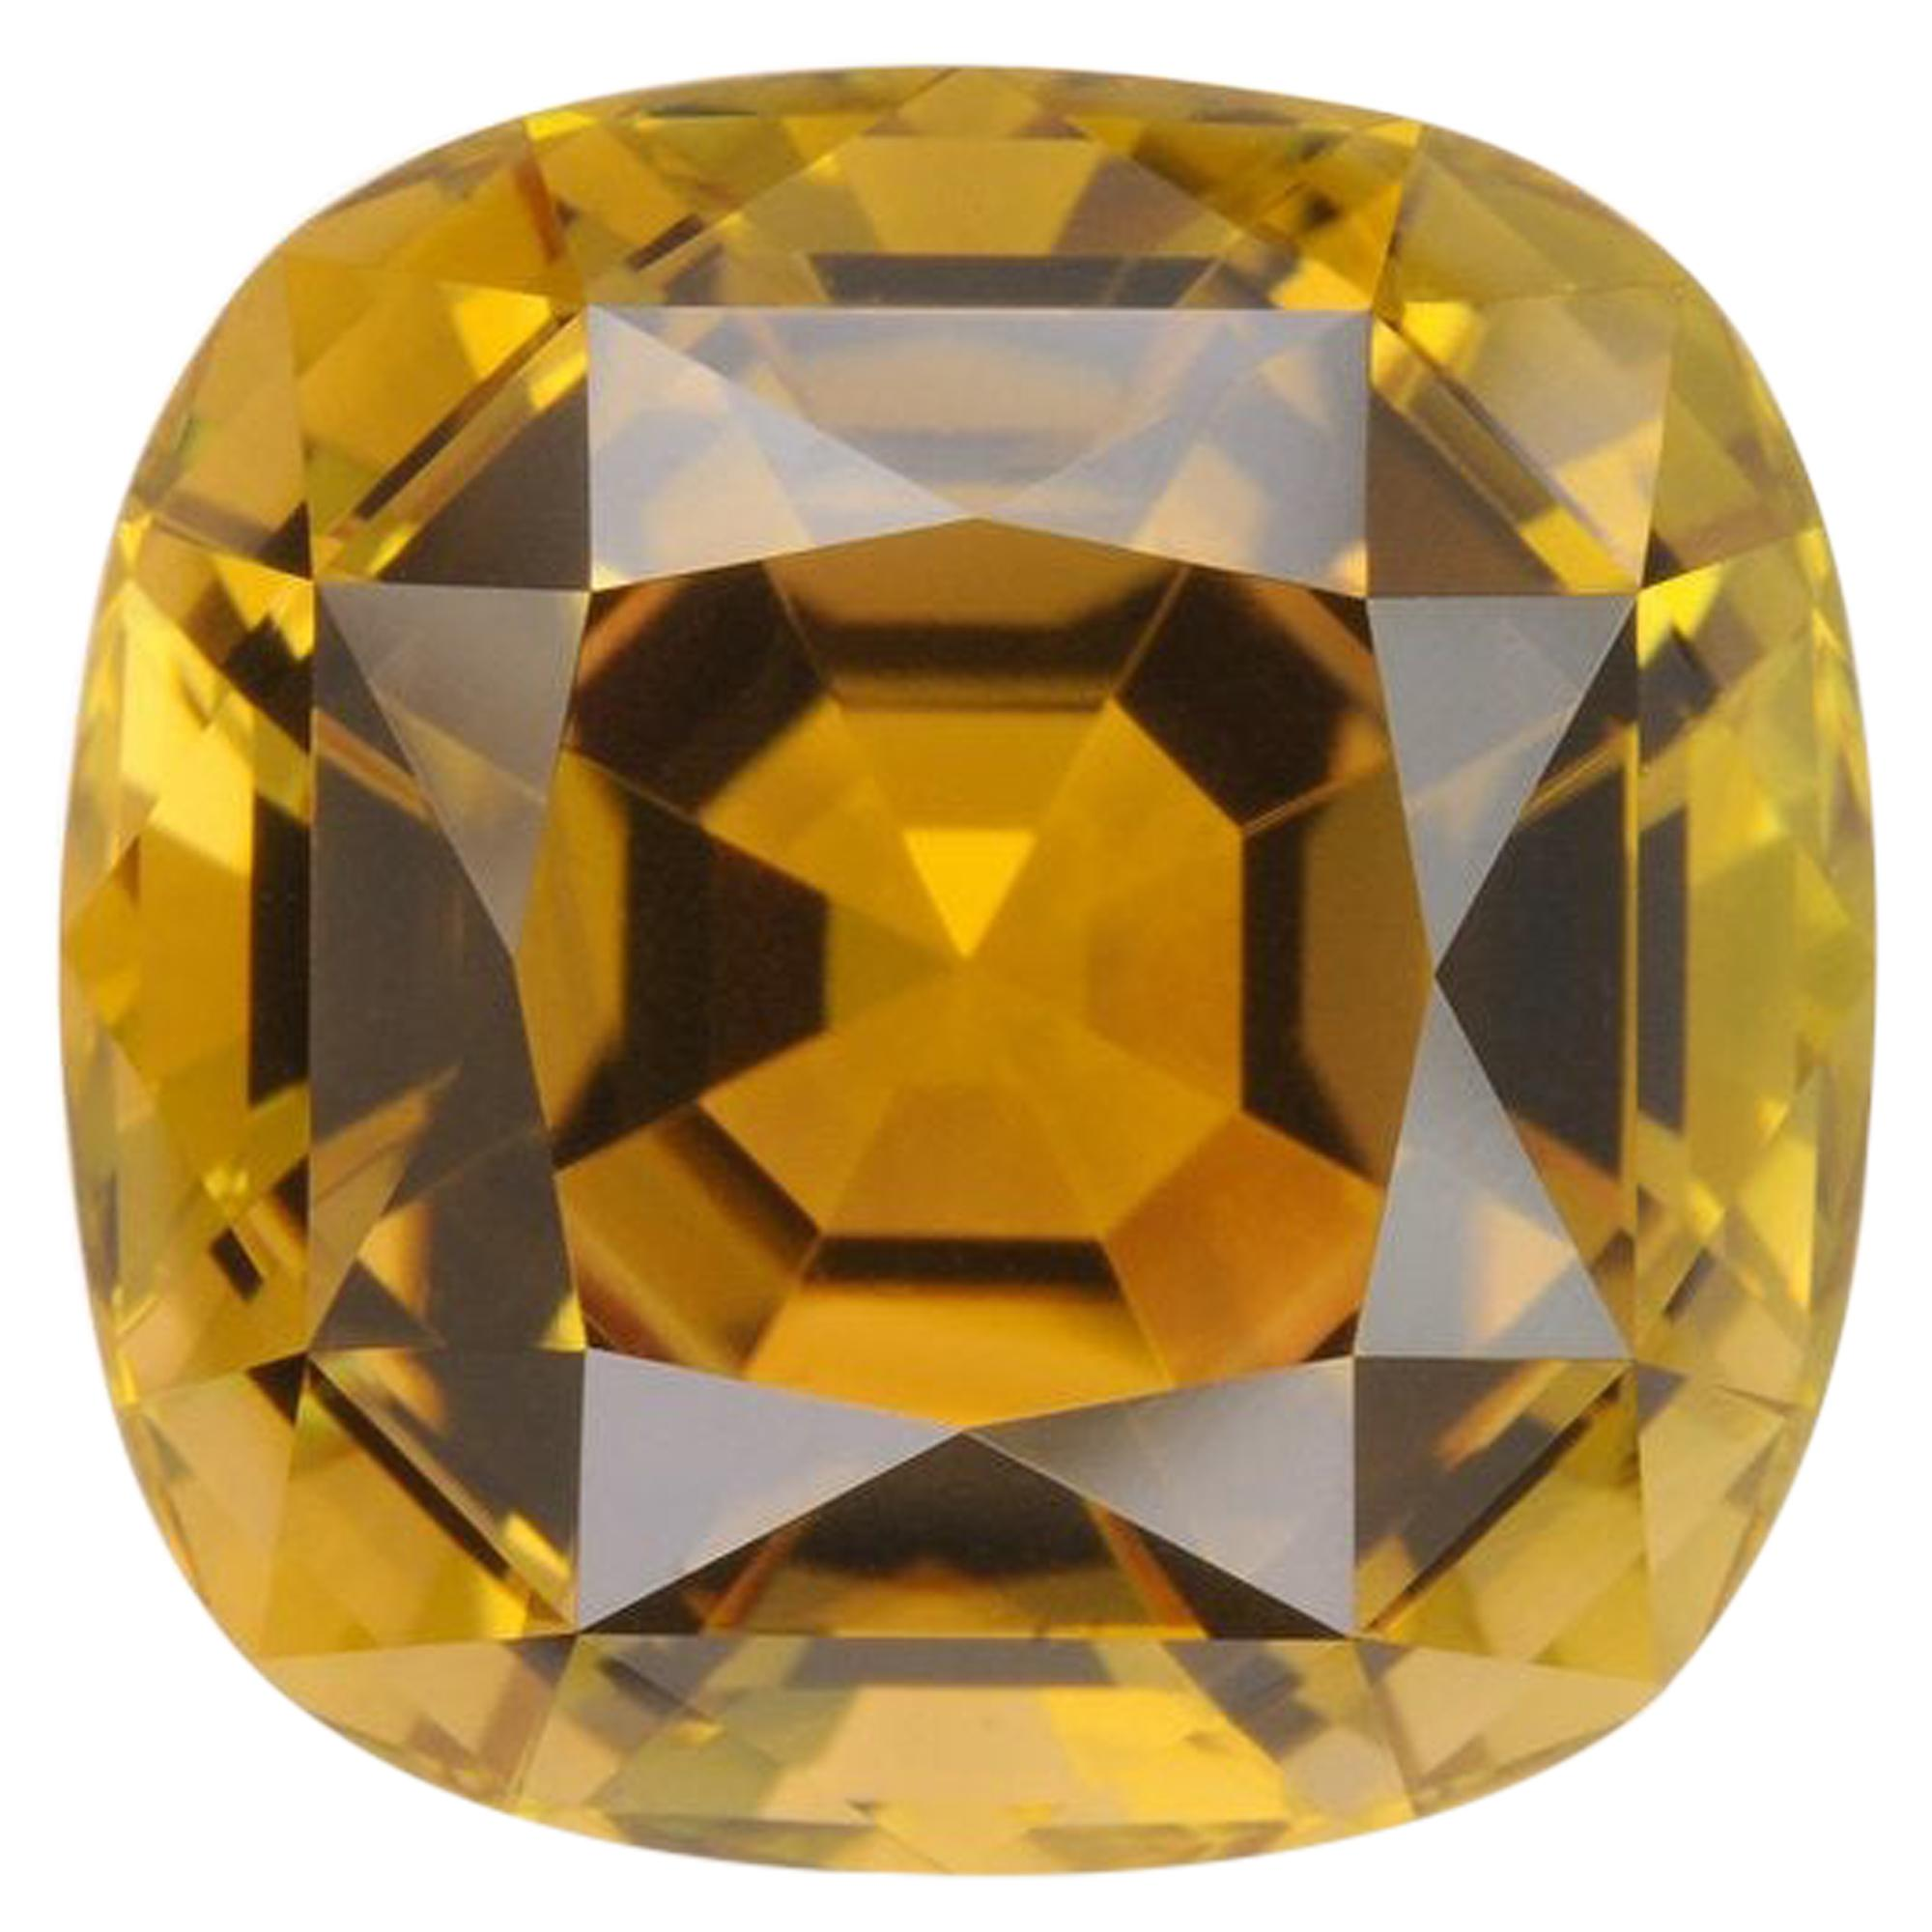 Bicolor Tourmaline Ring Gem 11.39 Carat Unset Square Cushion Loose Gemstone